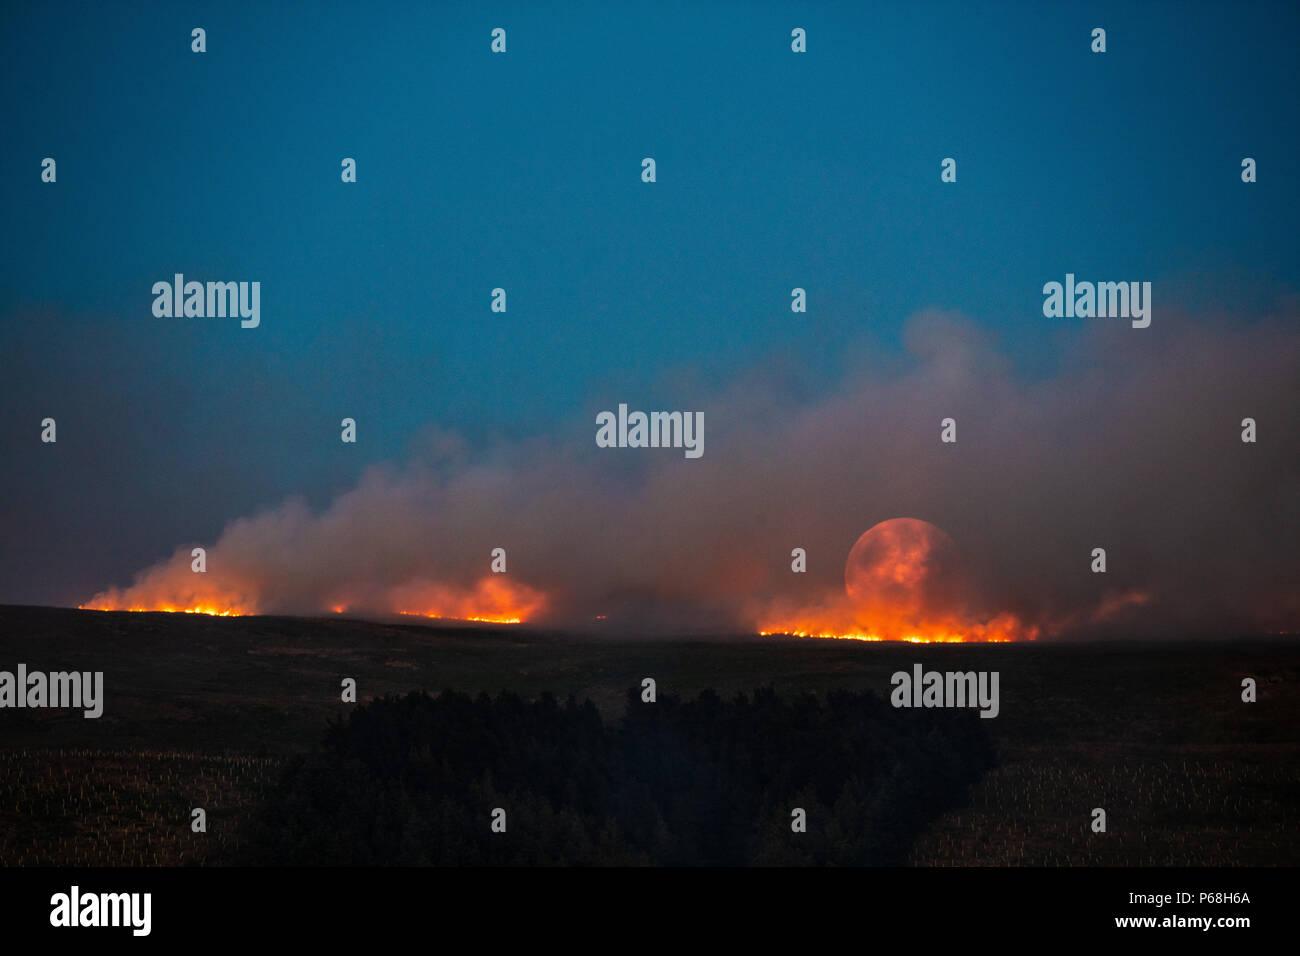 La colline d'hiver, le Grand Manchester, UK. 28 Jun, 2018. La lune se lève sur un feu d'herbe sur les terrains marécageux de la colline d'hiver, près de Bolton dans le Grand Manchester. Crédit: Jason Smalley Photography/Alamy Live News Banque D'Images